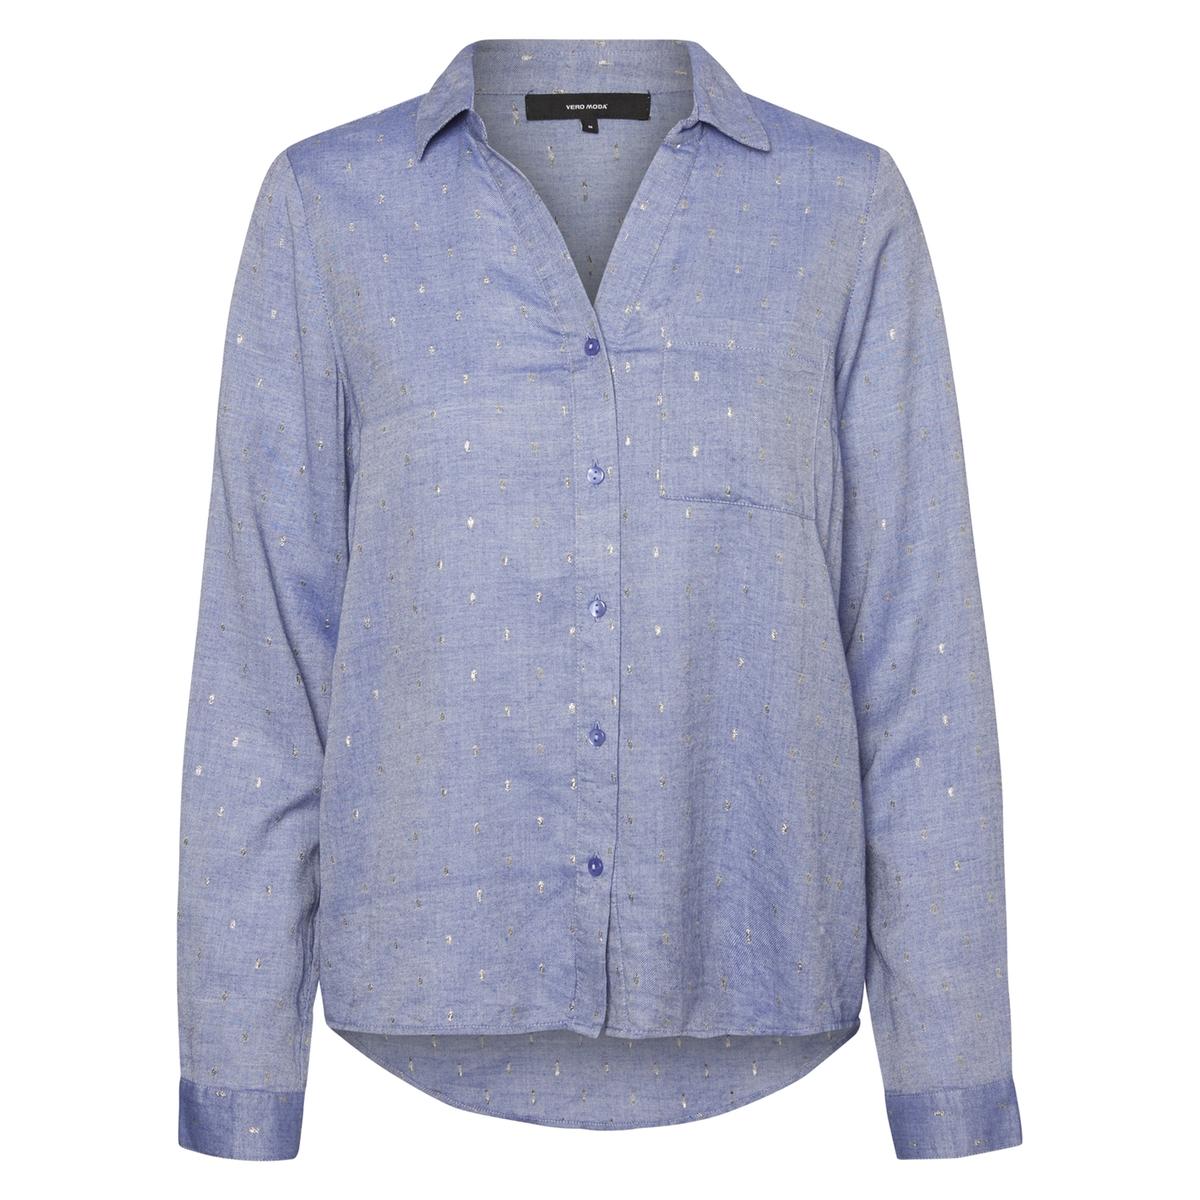 Рубашка с воротником-поло и рисункомДетали •  Длинные рукава •  Прямой покрой  •  Воротник-поло, рубашечный  •  Рисунок-принтСостав и уход •  98% хлопка, 2% других волокон •  Следуйте советам по уходу, указанным на этикетке<br><br>Цвет: розовый меланж,синий шамбре<br>Размер: XL.L.S